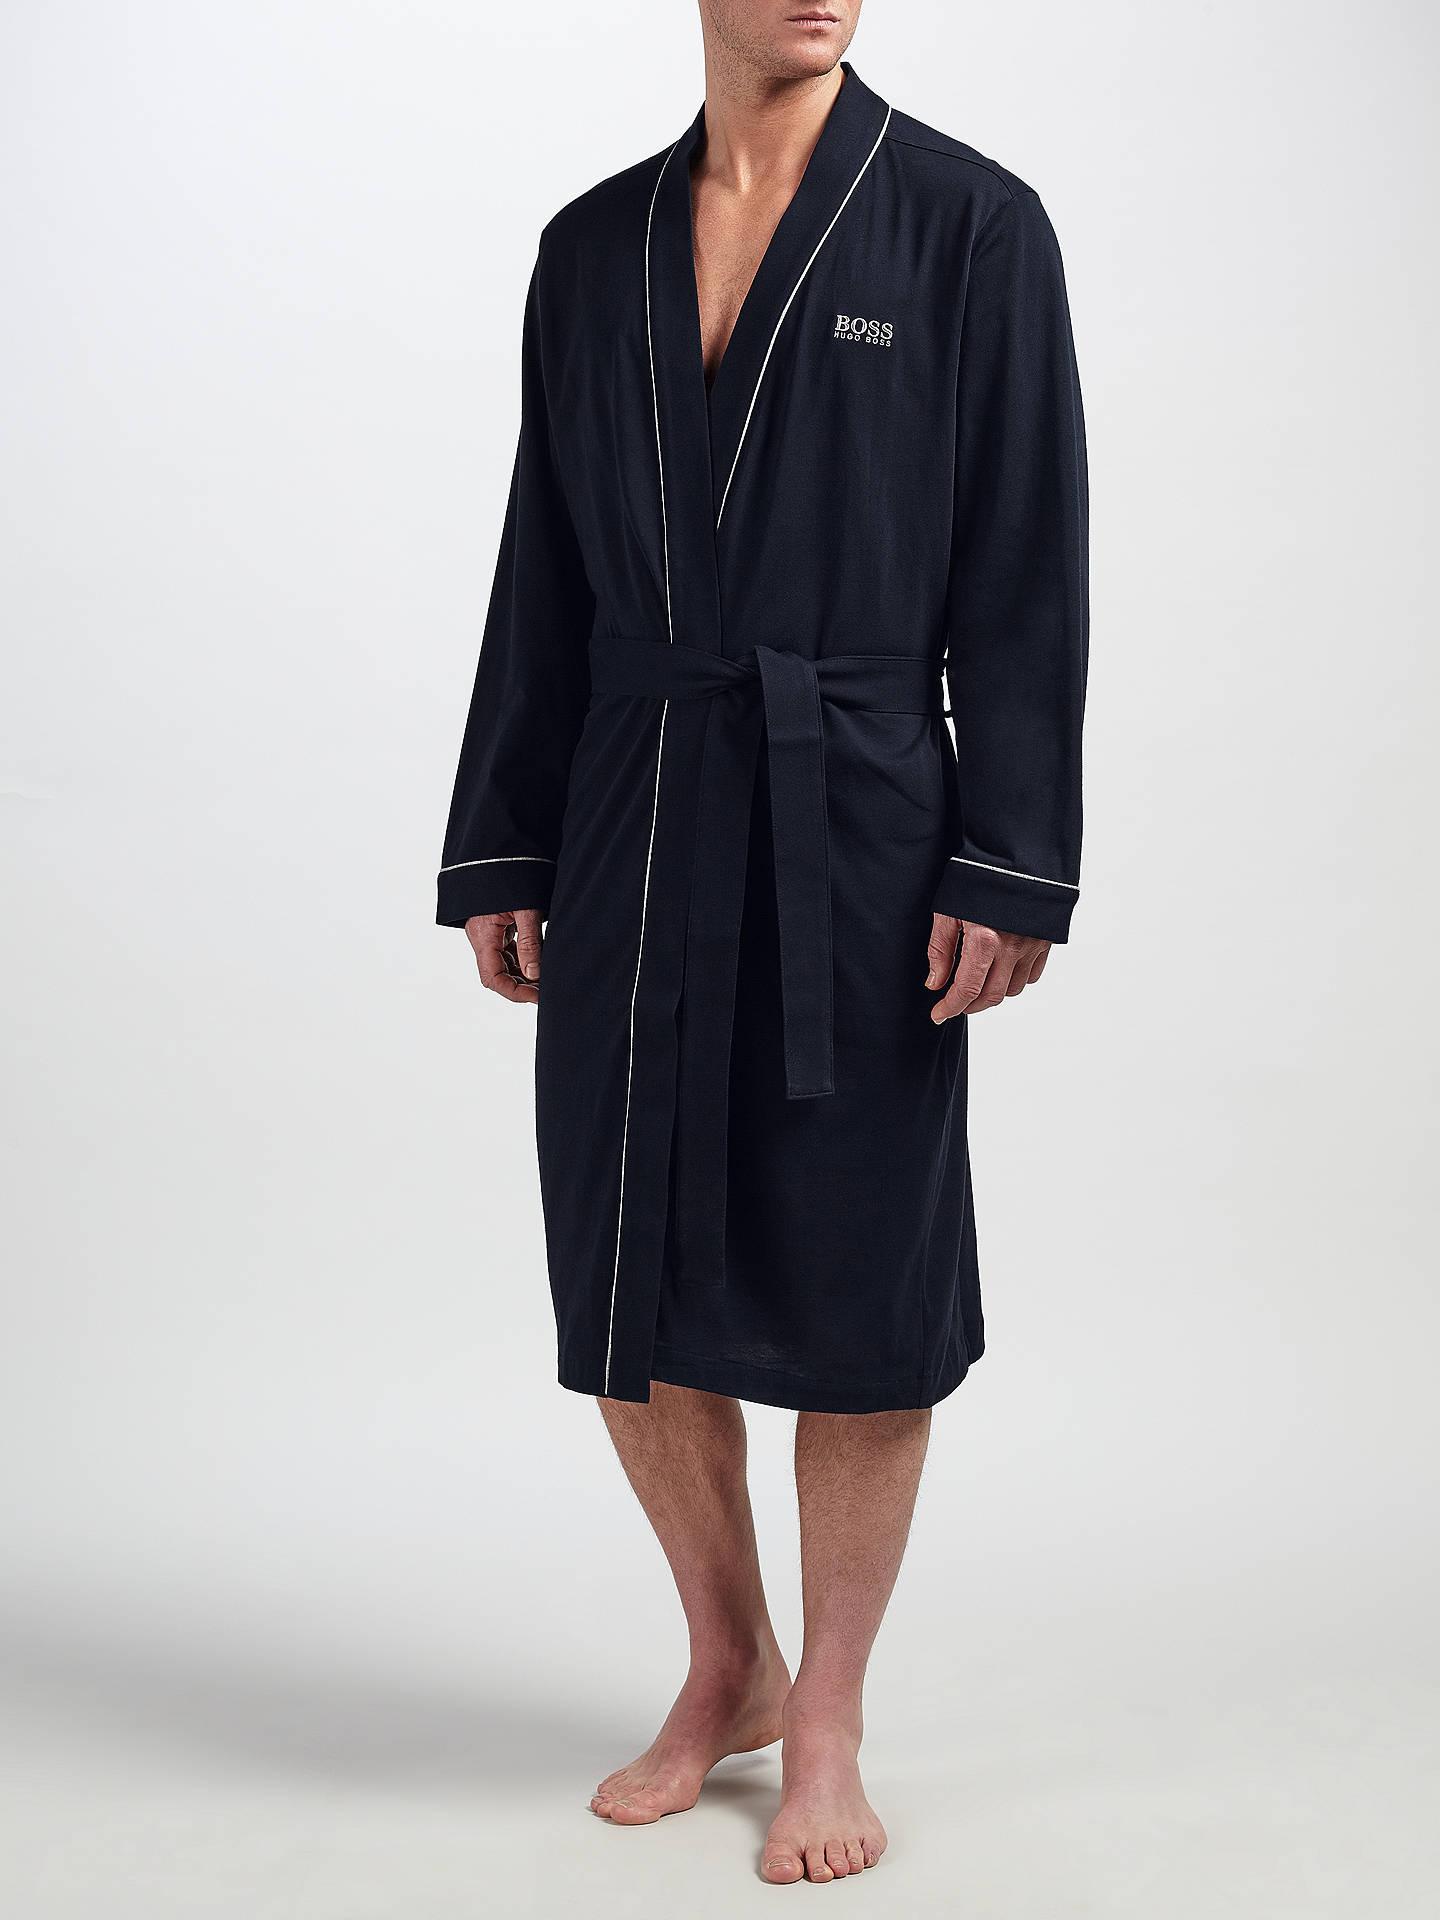 aa1c145122b3 Buy BOSS Kimono Robe, Navy, M Online at johnlewis.com ...